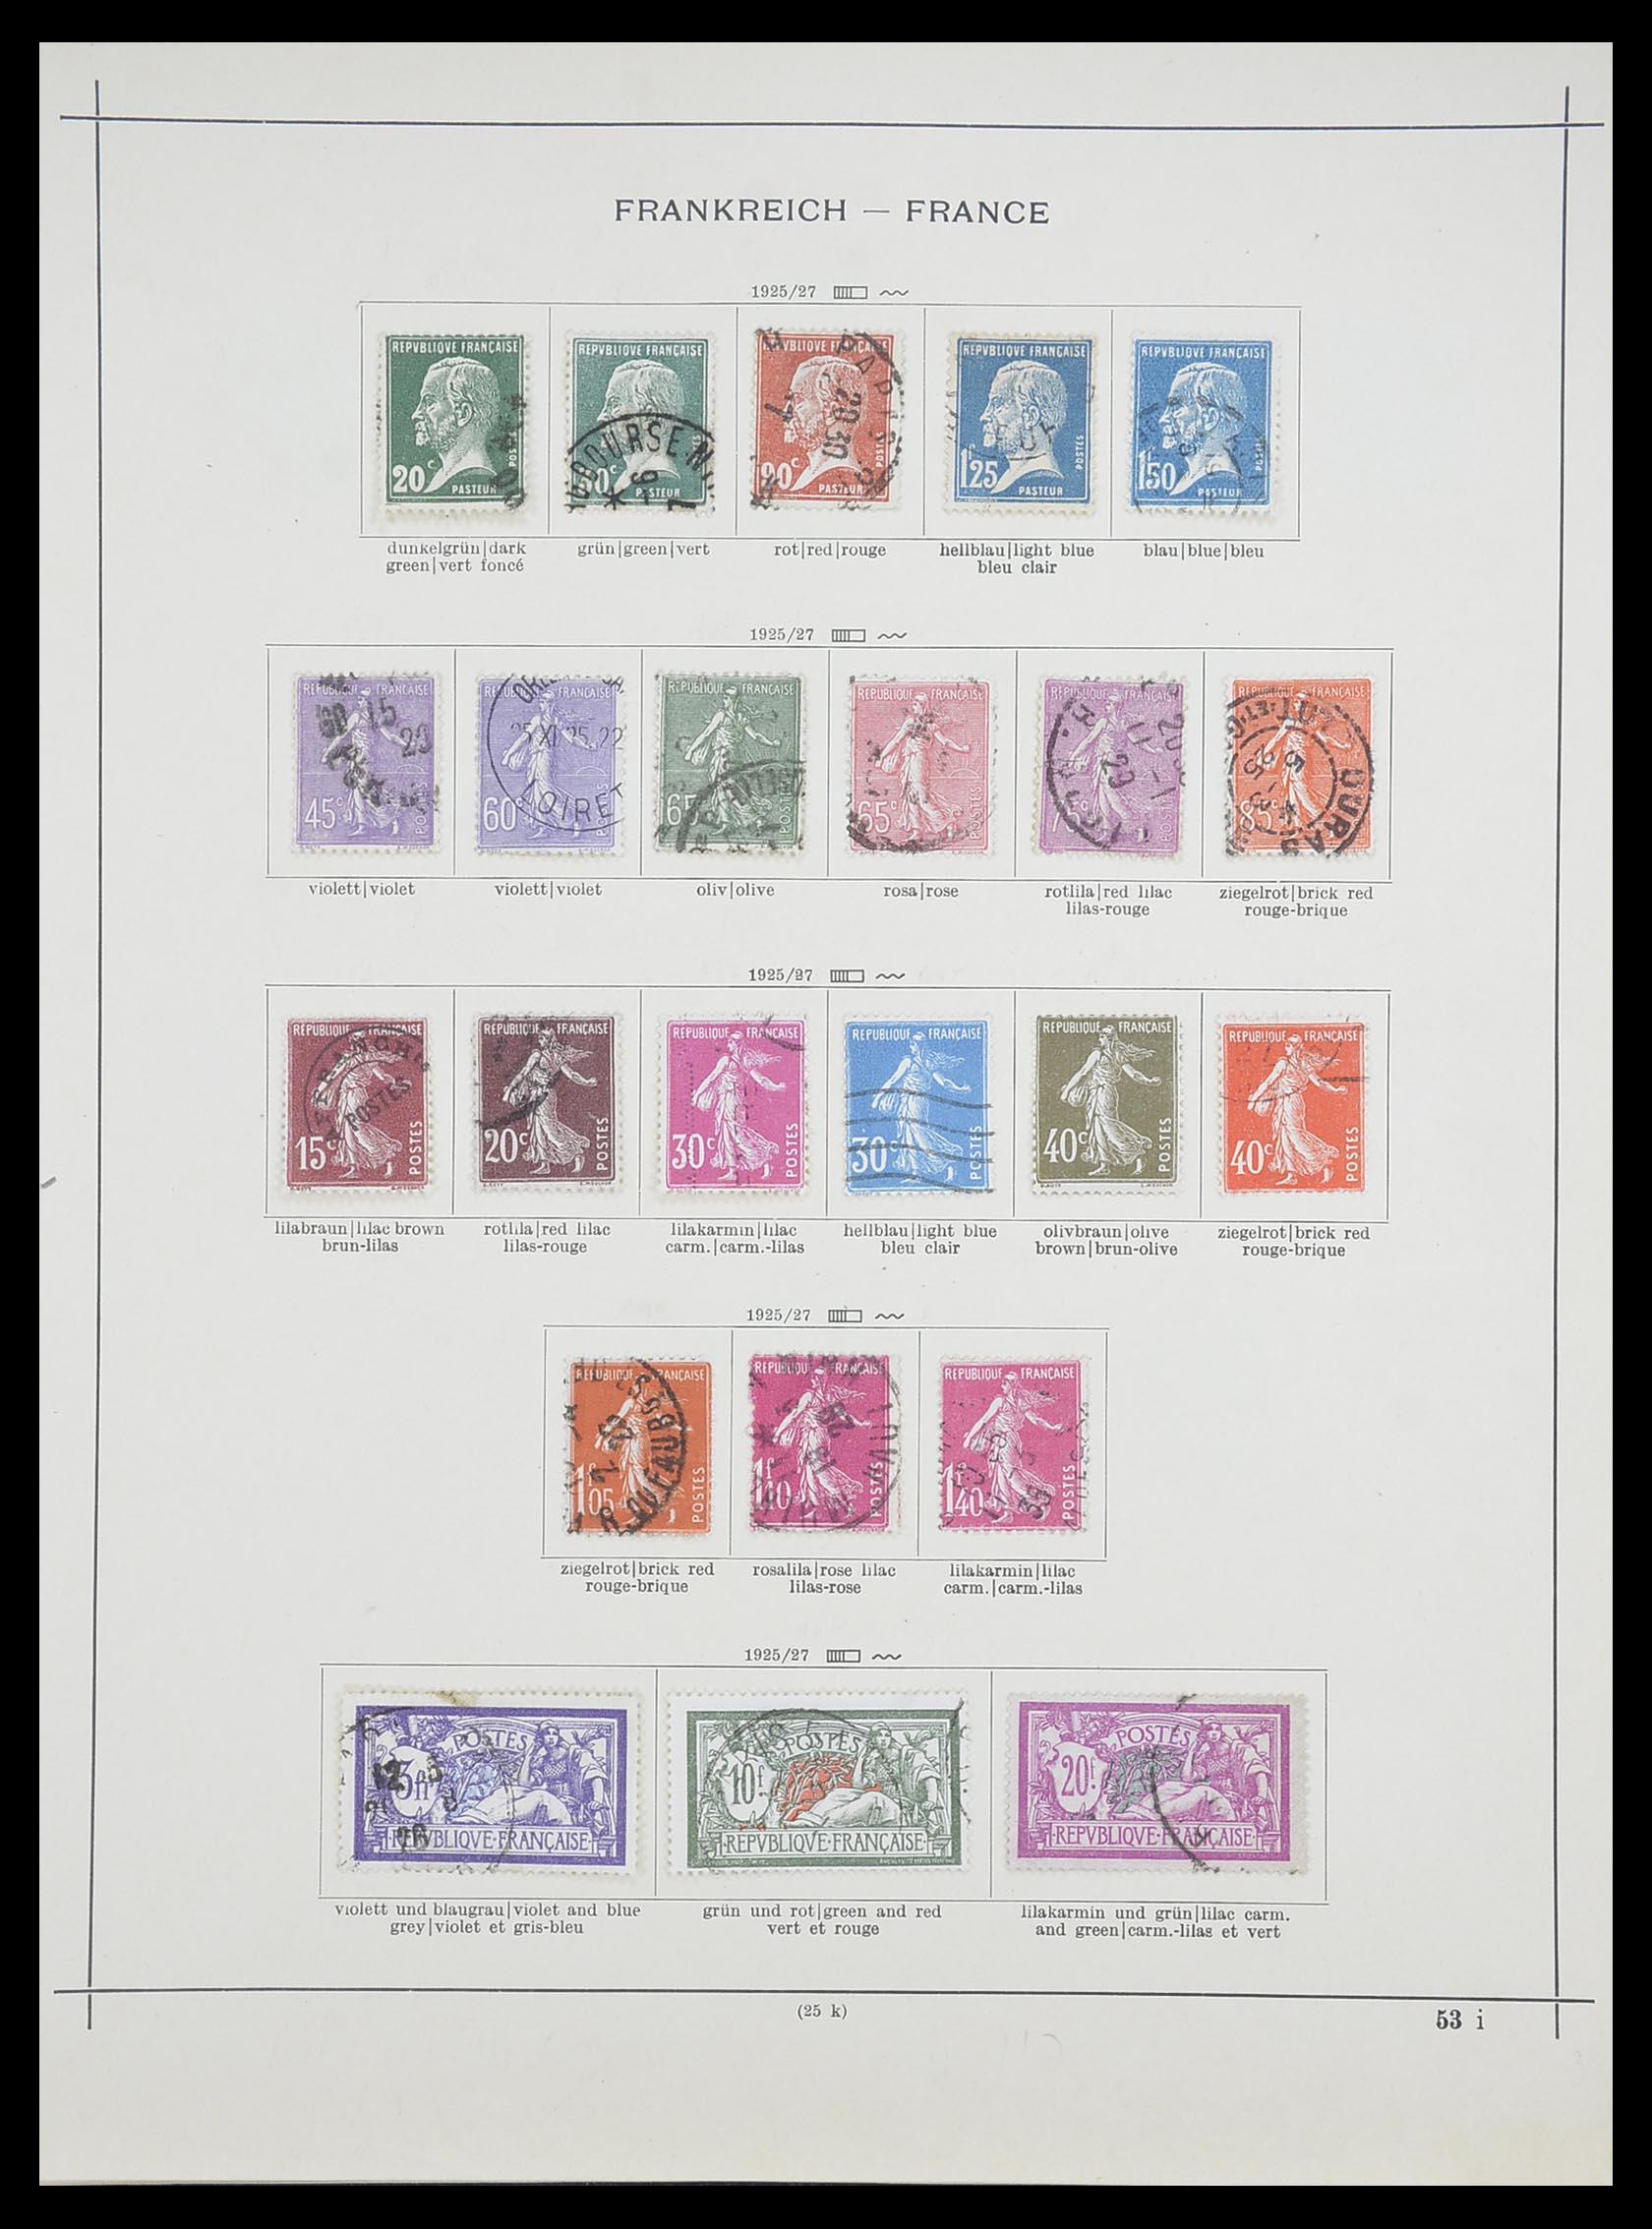 33919 010 - Postzegelverzameling 33919 Frankrijk 1849-1946.